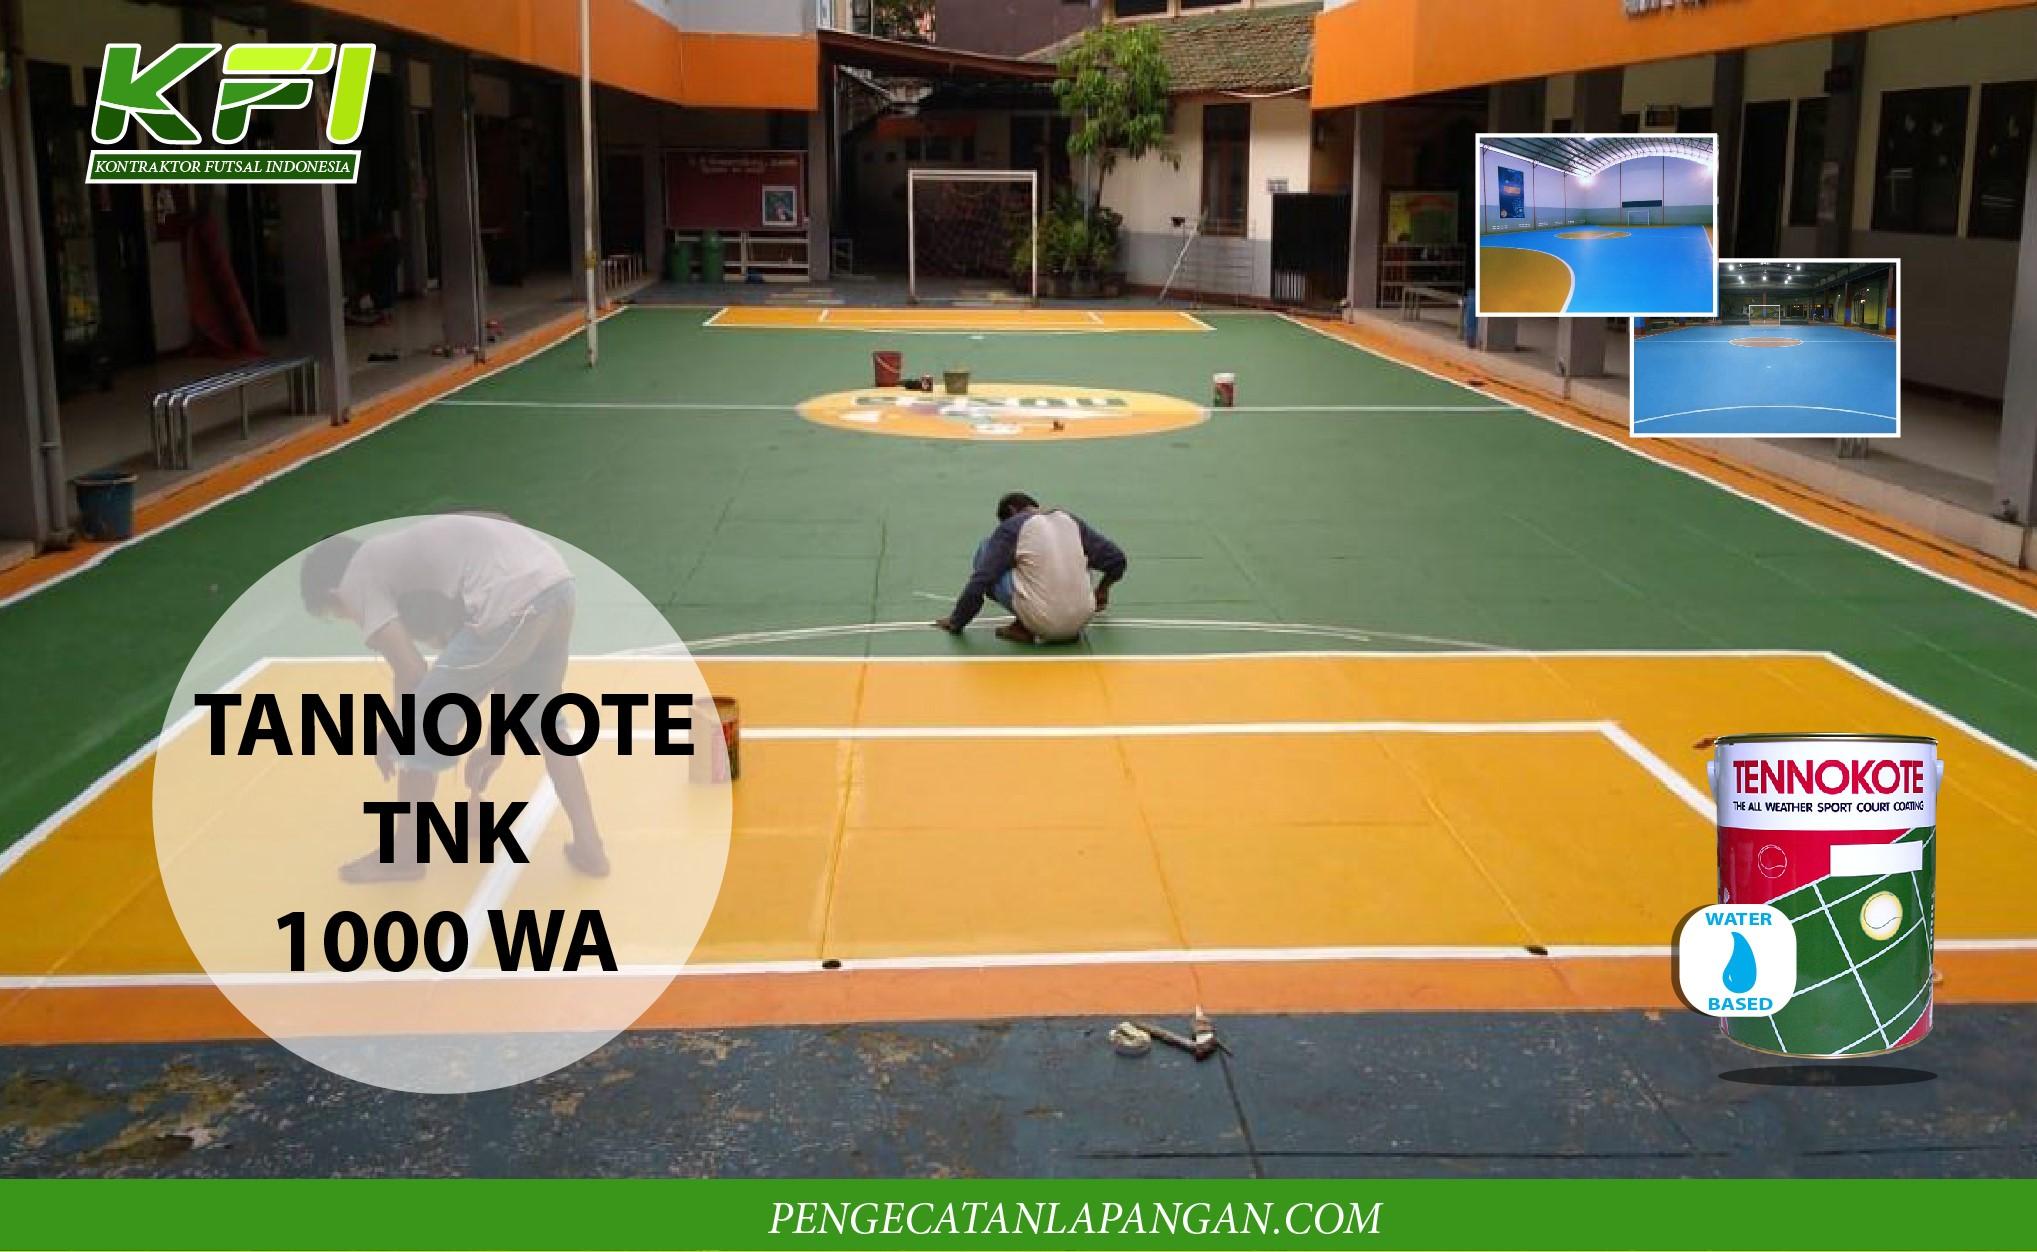 Kelebihan Jenis Cat Tannokote Tnk 1000 WA